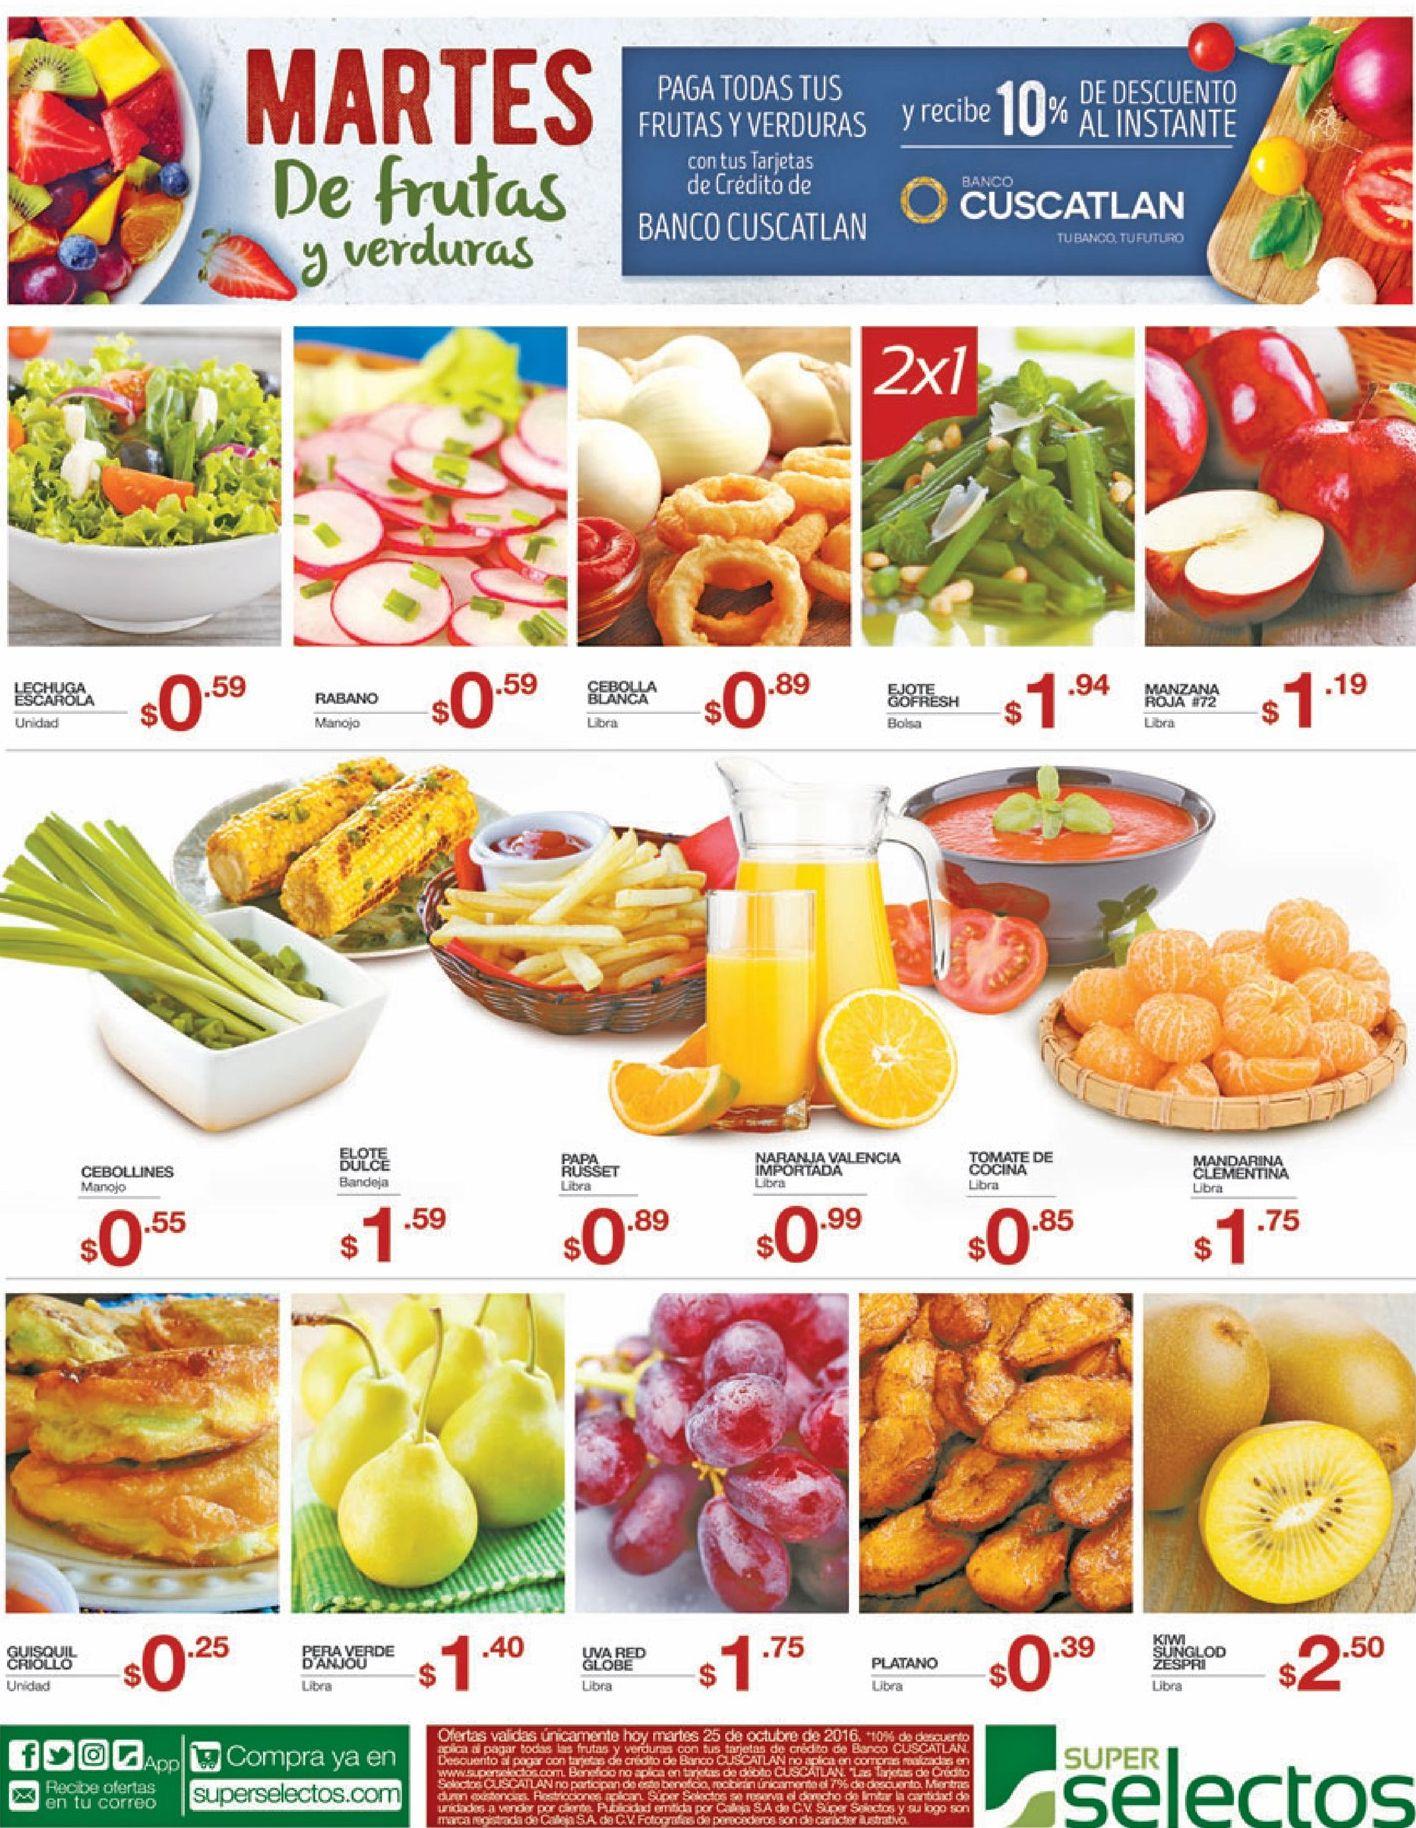 martes-de-frutas-y-verduras-en-super-selectos-25oct16